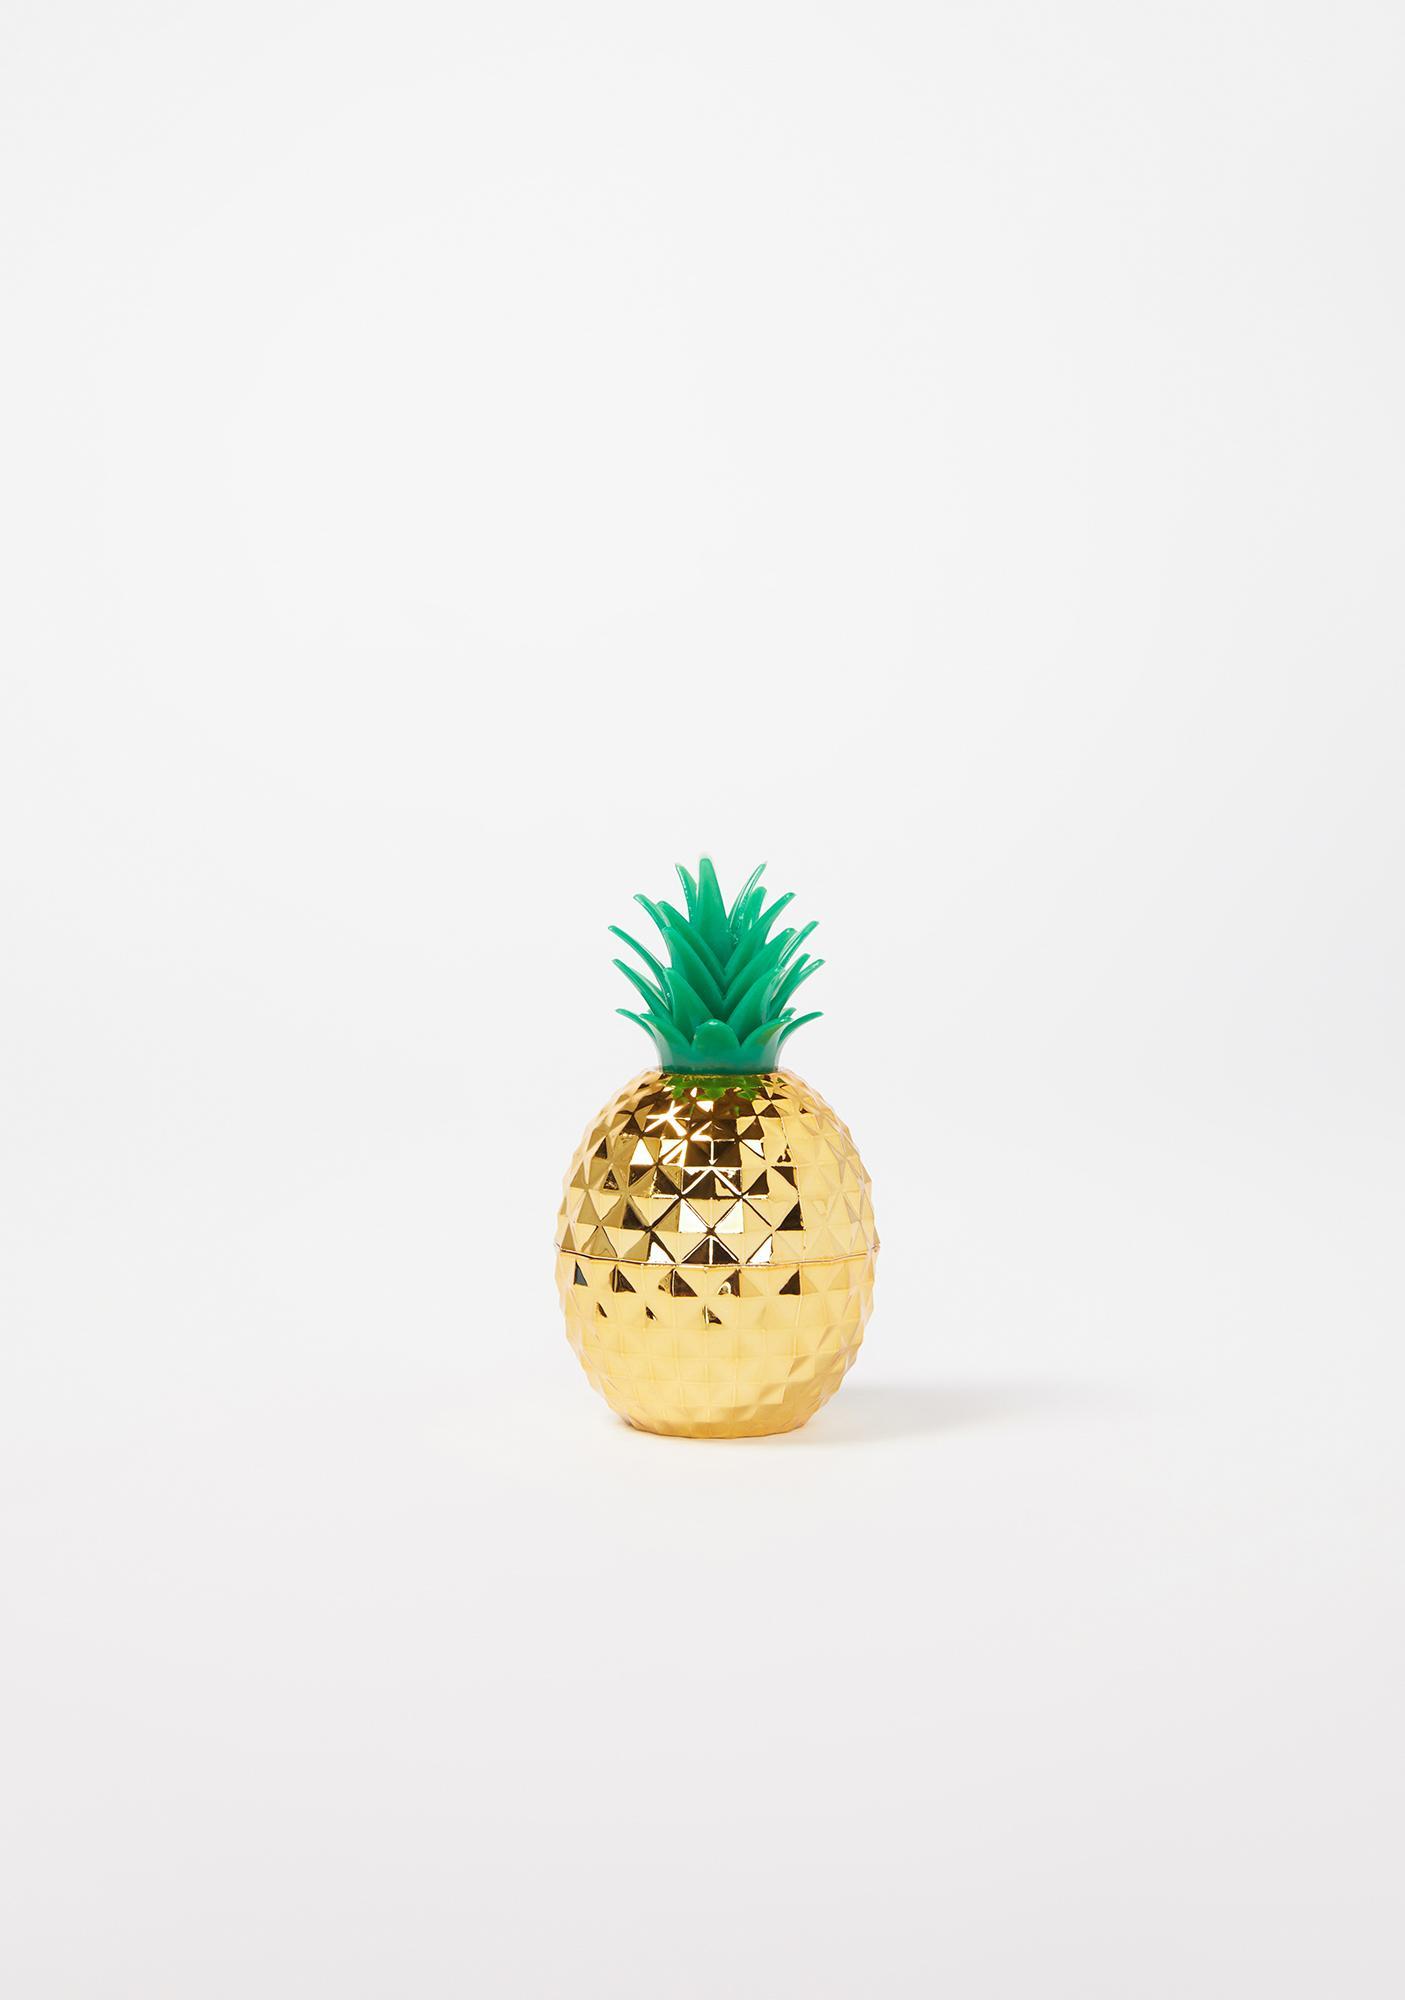 Taste Beauty Spongebob Molded Pineapple Lip Gloss